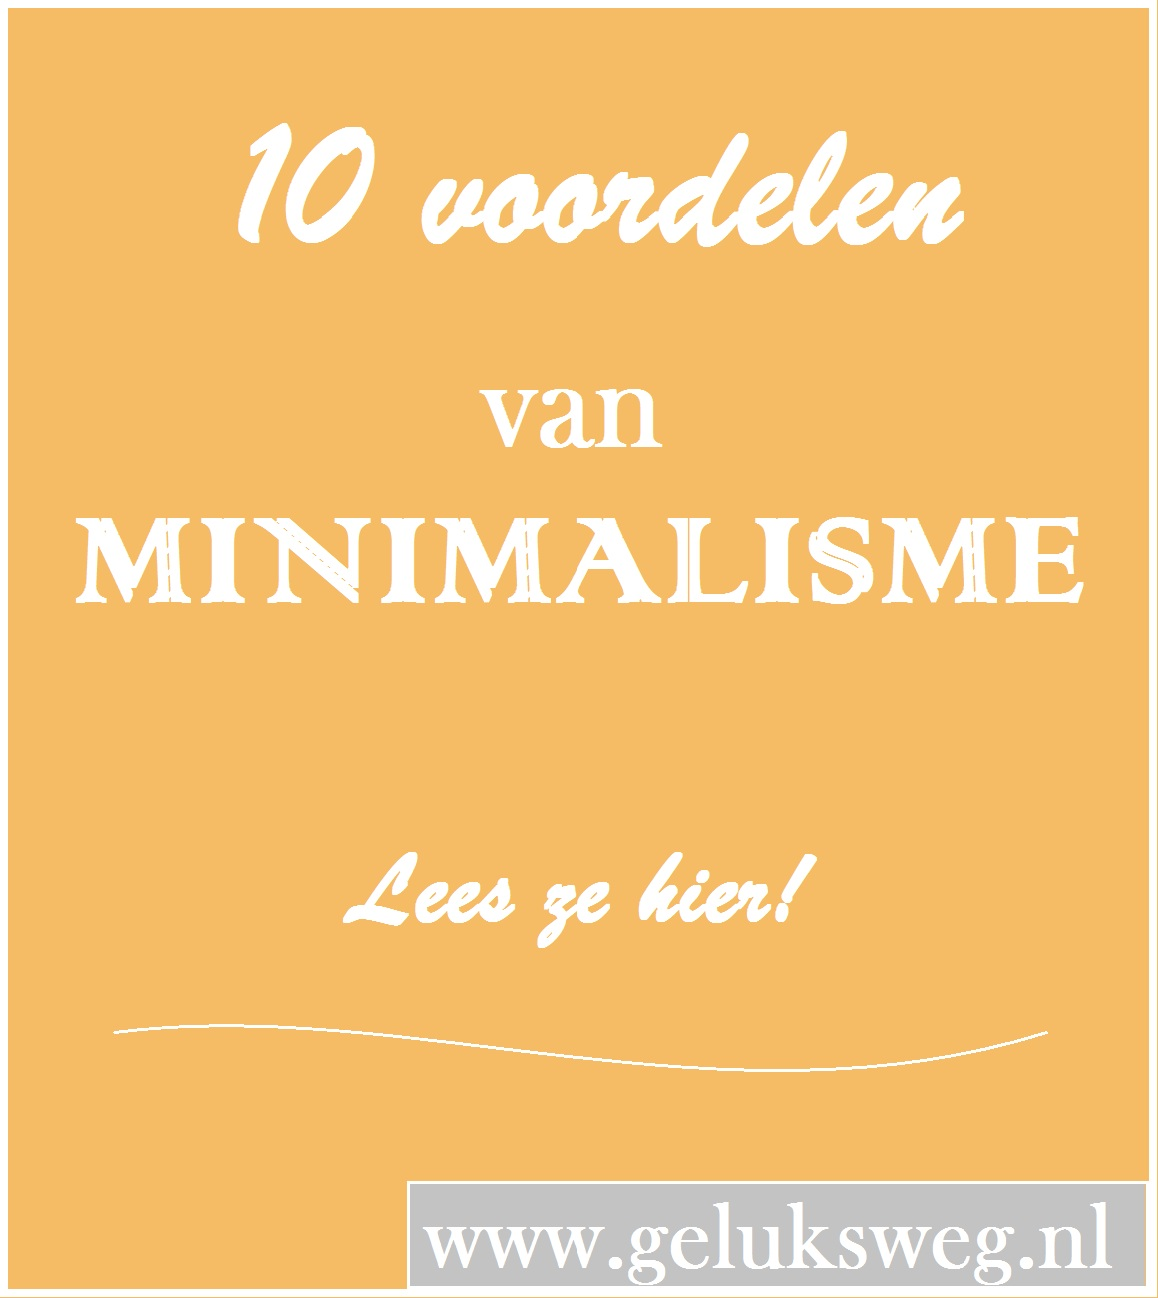 Geluksweg - voordelen van minimalisme